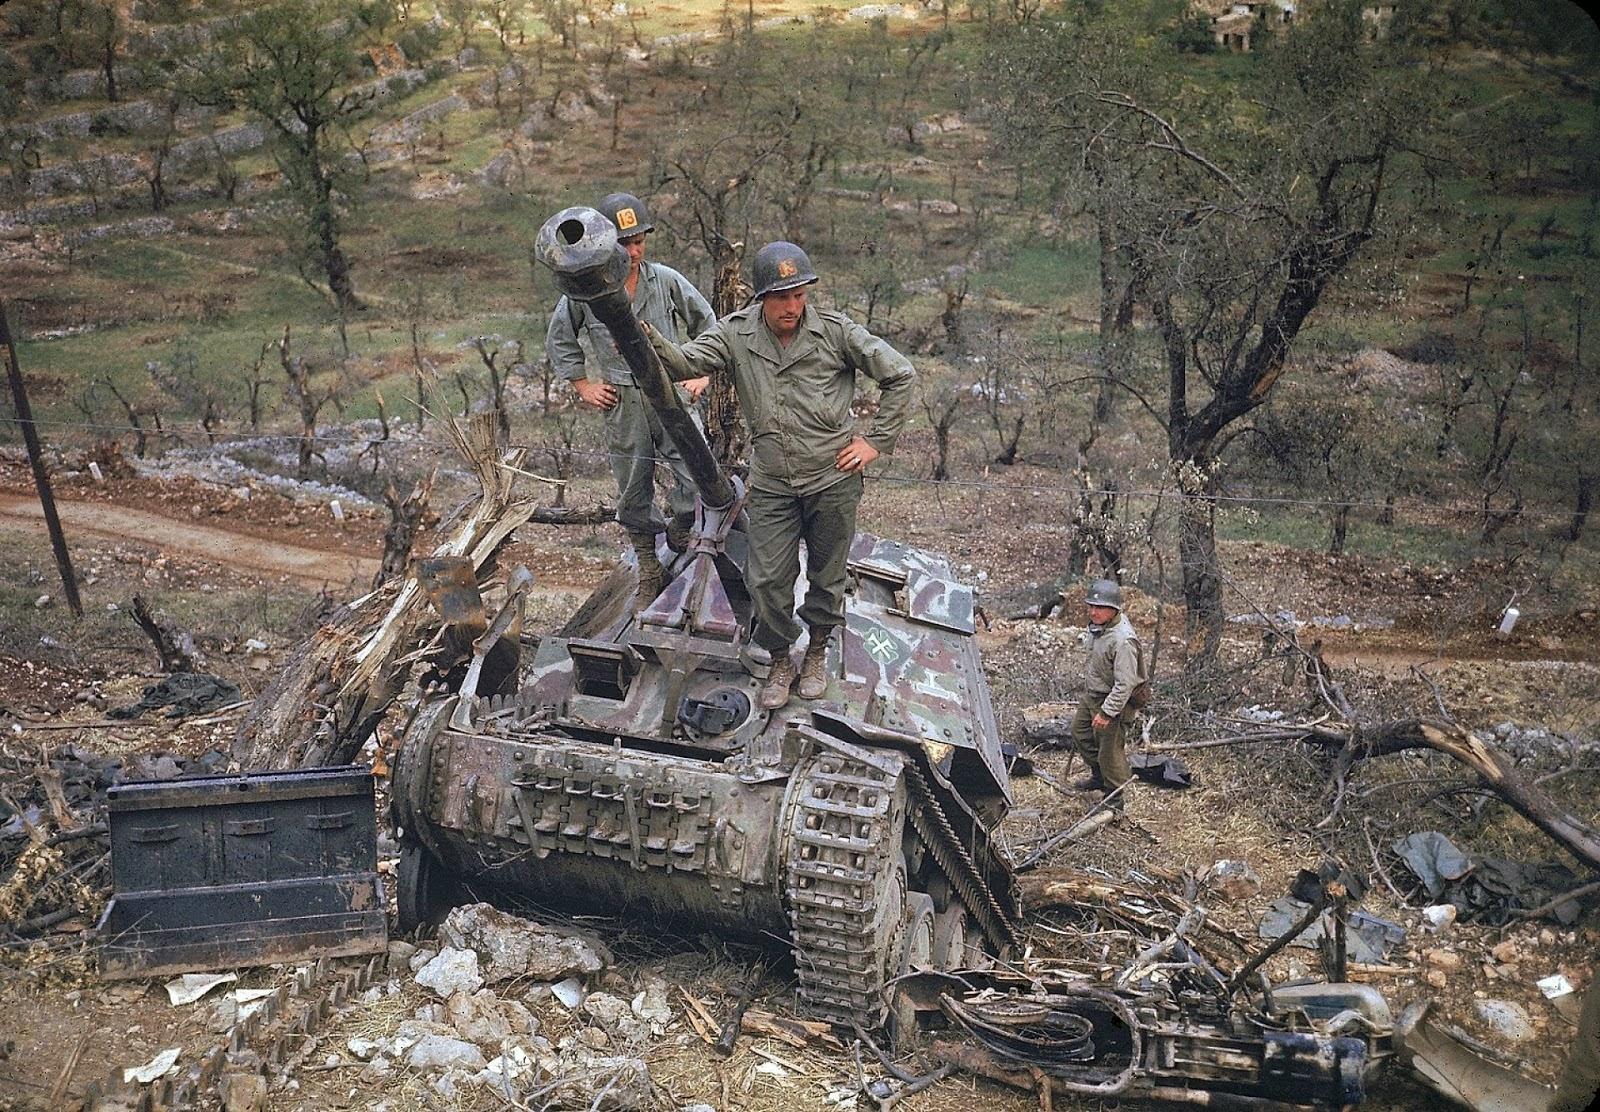 http://4.bp.blogspot.com/-bOmlBX4DWbw/VLaa4TcrLvI/AAAAAAABOK4/jYDduWzu1Js/s1600/Rare+Color+Photographs+from+World+War+II+(2).jpg